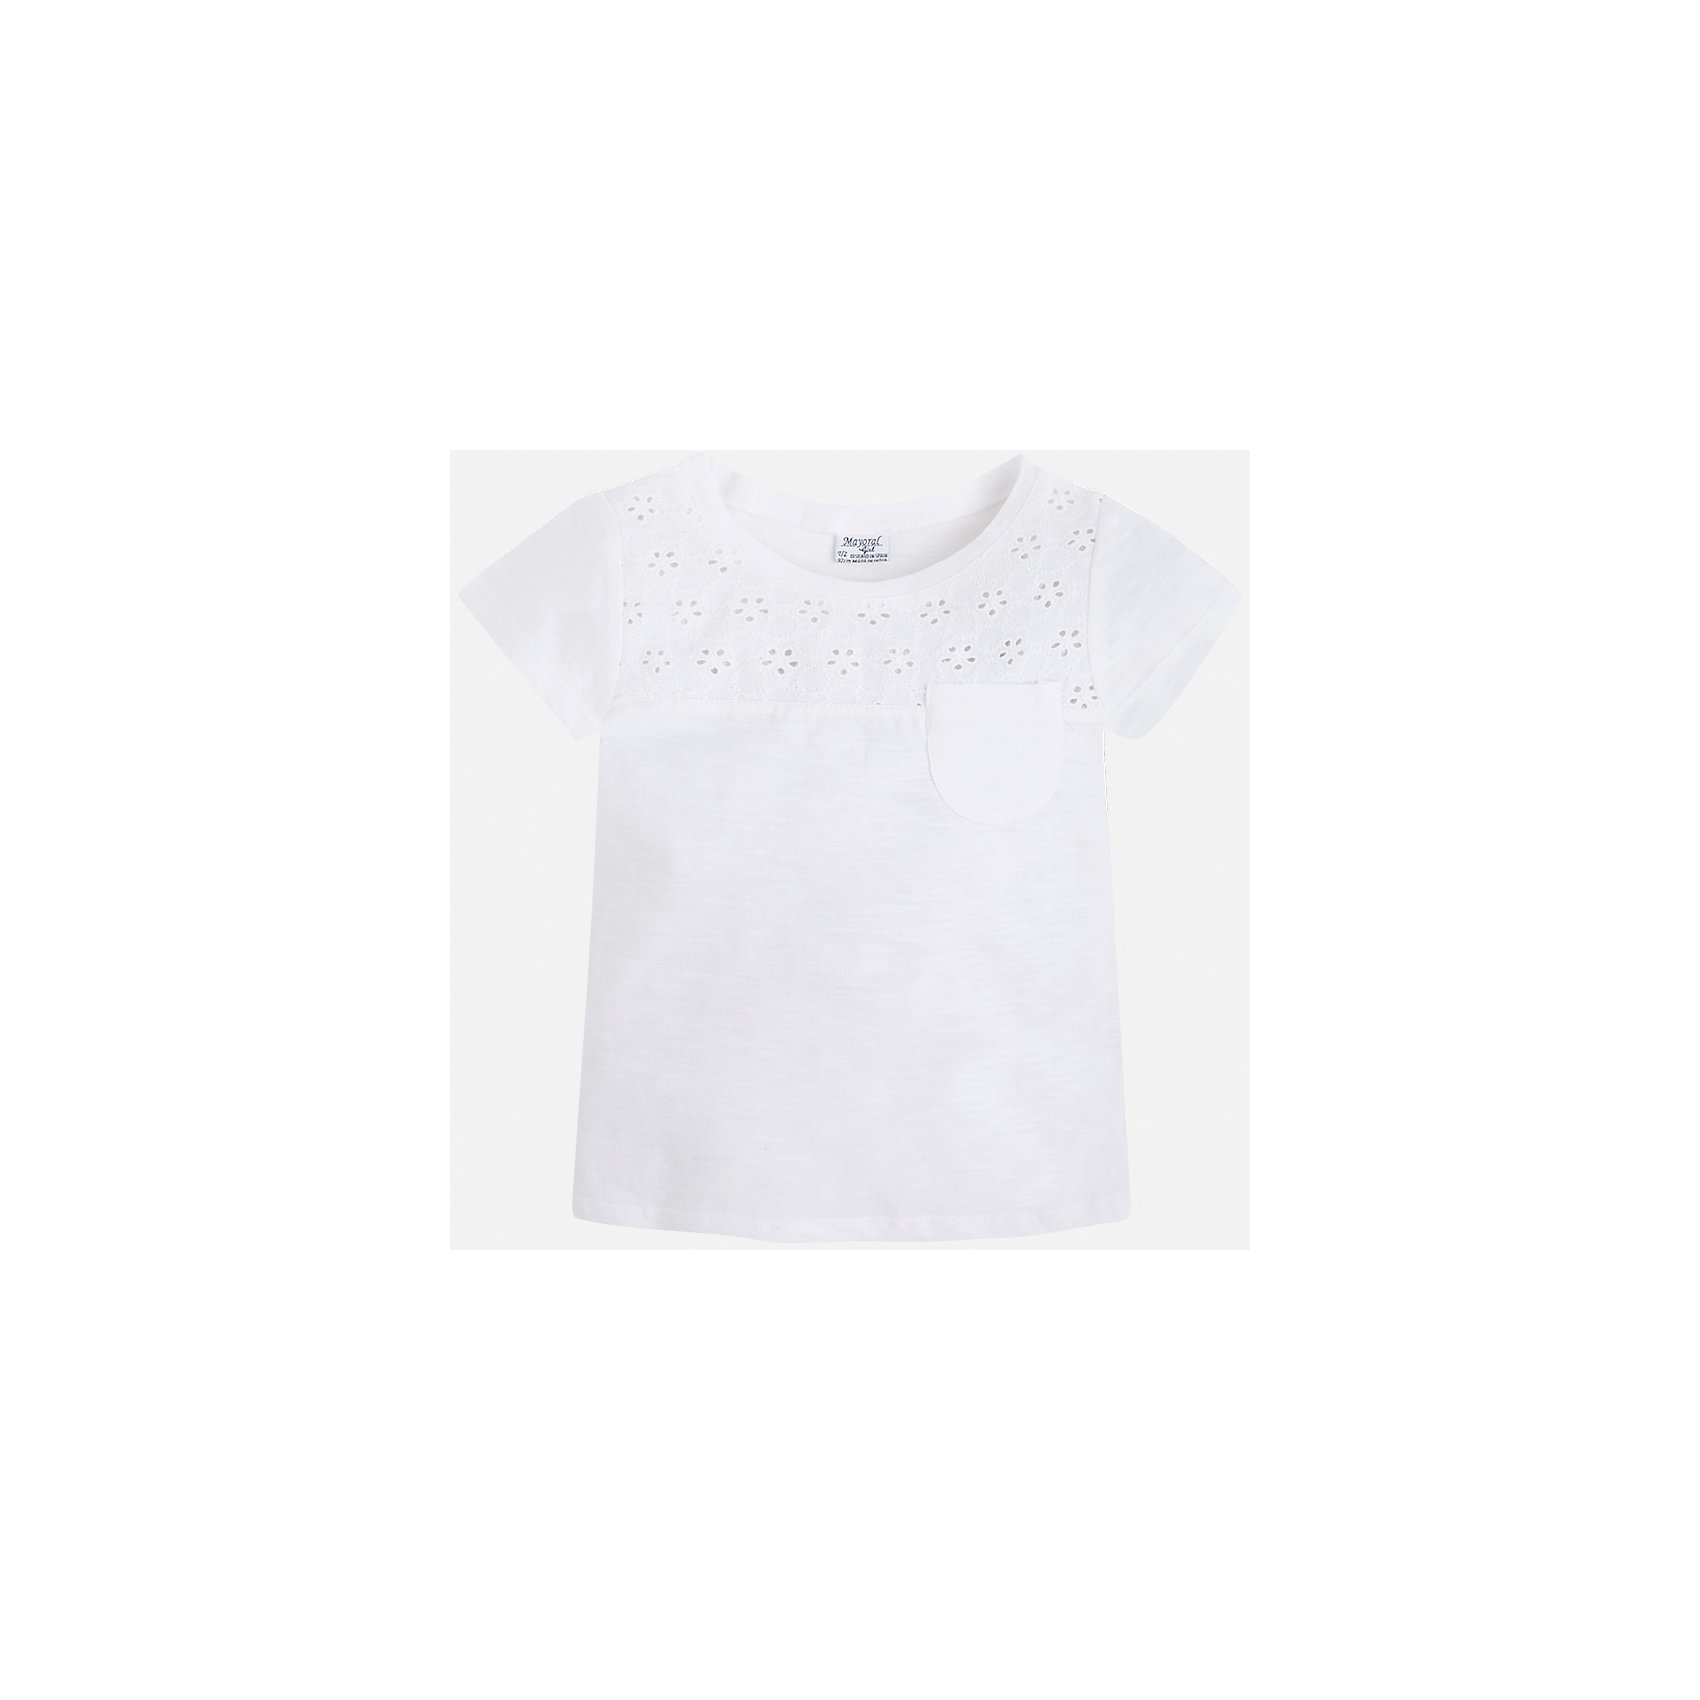 Футболка для девочки MayoralФутболки, поло и топы<br>Характеристики товара:<br><br>• цвет: белый<br>• состав: 100% хлопок<br>• карман<br>• ажурный верх<br>• короткие рукава<br>• округлый горловой вырез<br>• страна бренда: Испания<br><br>Стильная качественная футболка для девочки поможет разнообразить гардероб ребенка и украсить наряд. В составе ткани преобладает натуральный хлопок, гипоаллергенный, приятный на ощупь, дышащий.<br><br>Футболку для девочки от испанского бренда Mayoral (Майорал) можно купить в нашем интернет-магазине.<br><br>Ширина мм: 199<br>Глубина мм: 10<br>Высота мм: 161<br>Вес г: 151<br>Цвет: белый<br>Возраст от месяцев: 60<br>Возраст до месяцев: 72<br>Пол: Женский<br>Возраст: Детский<br>Размер: 116,110,122,98,104<br>SKU: 5587404